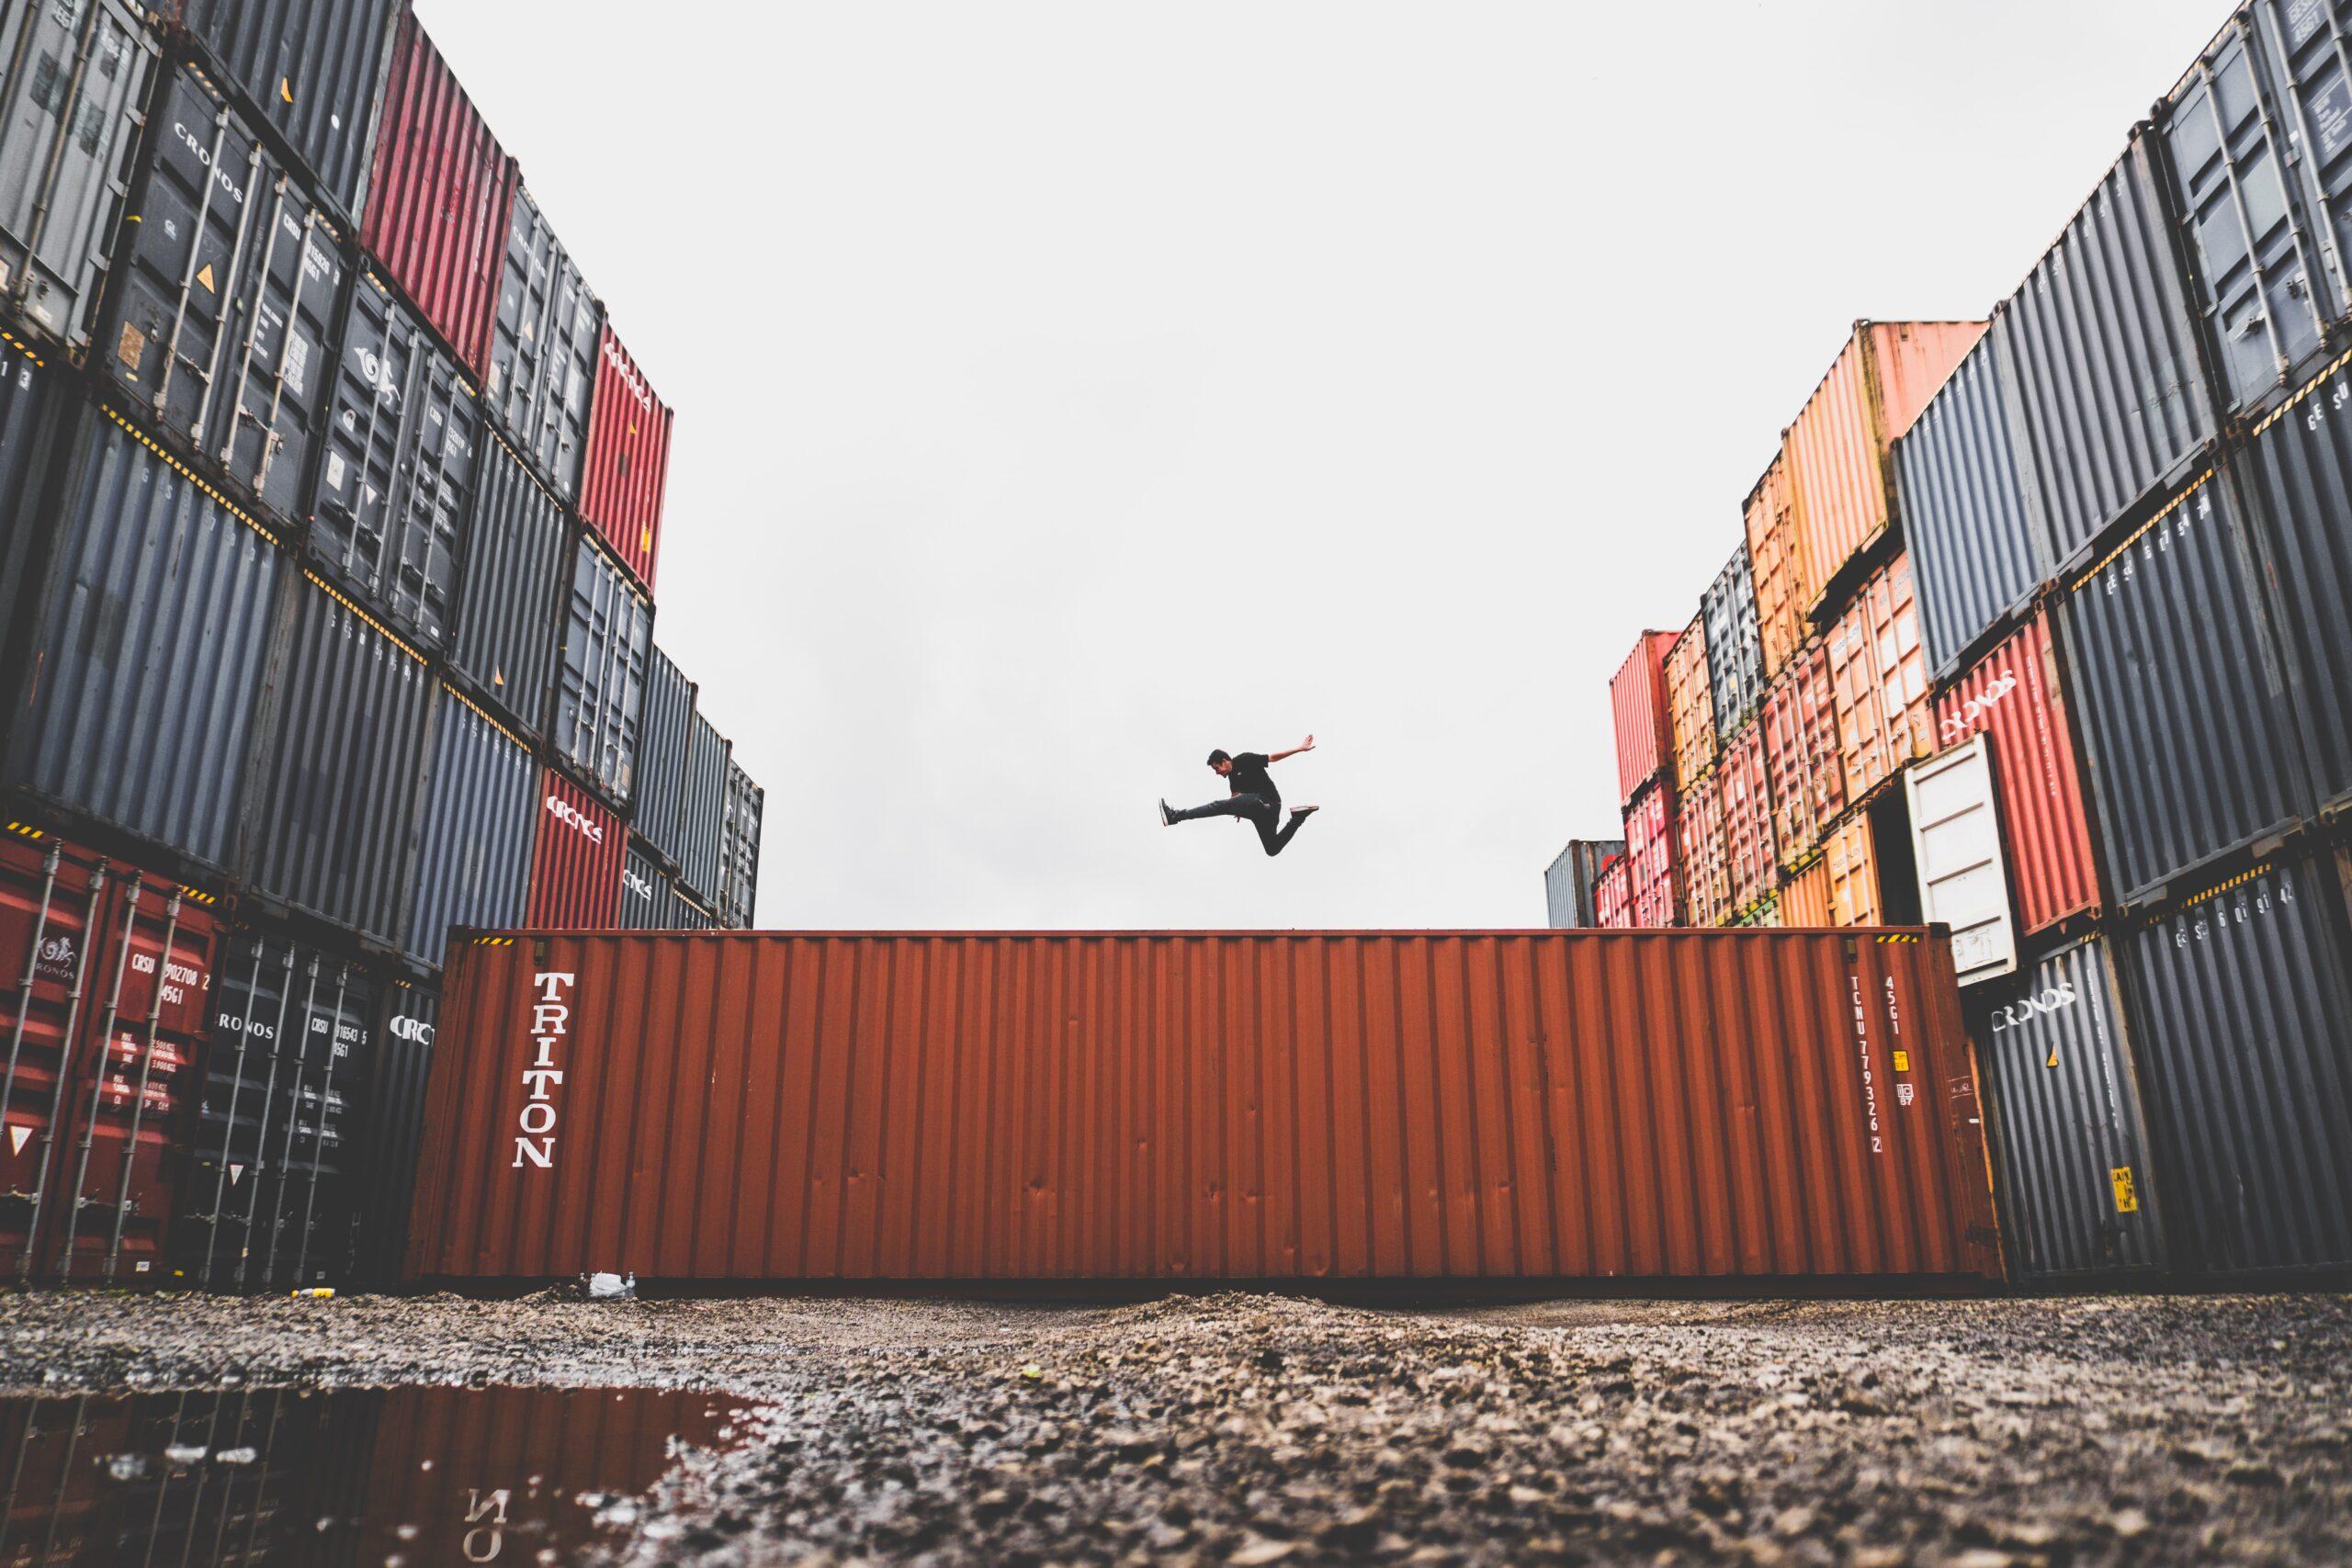 DC-Supply har løsningen for dig, uanset om du skal bruge en container med bad eller et mobilt køkken